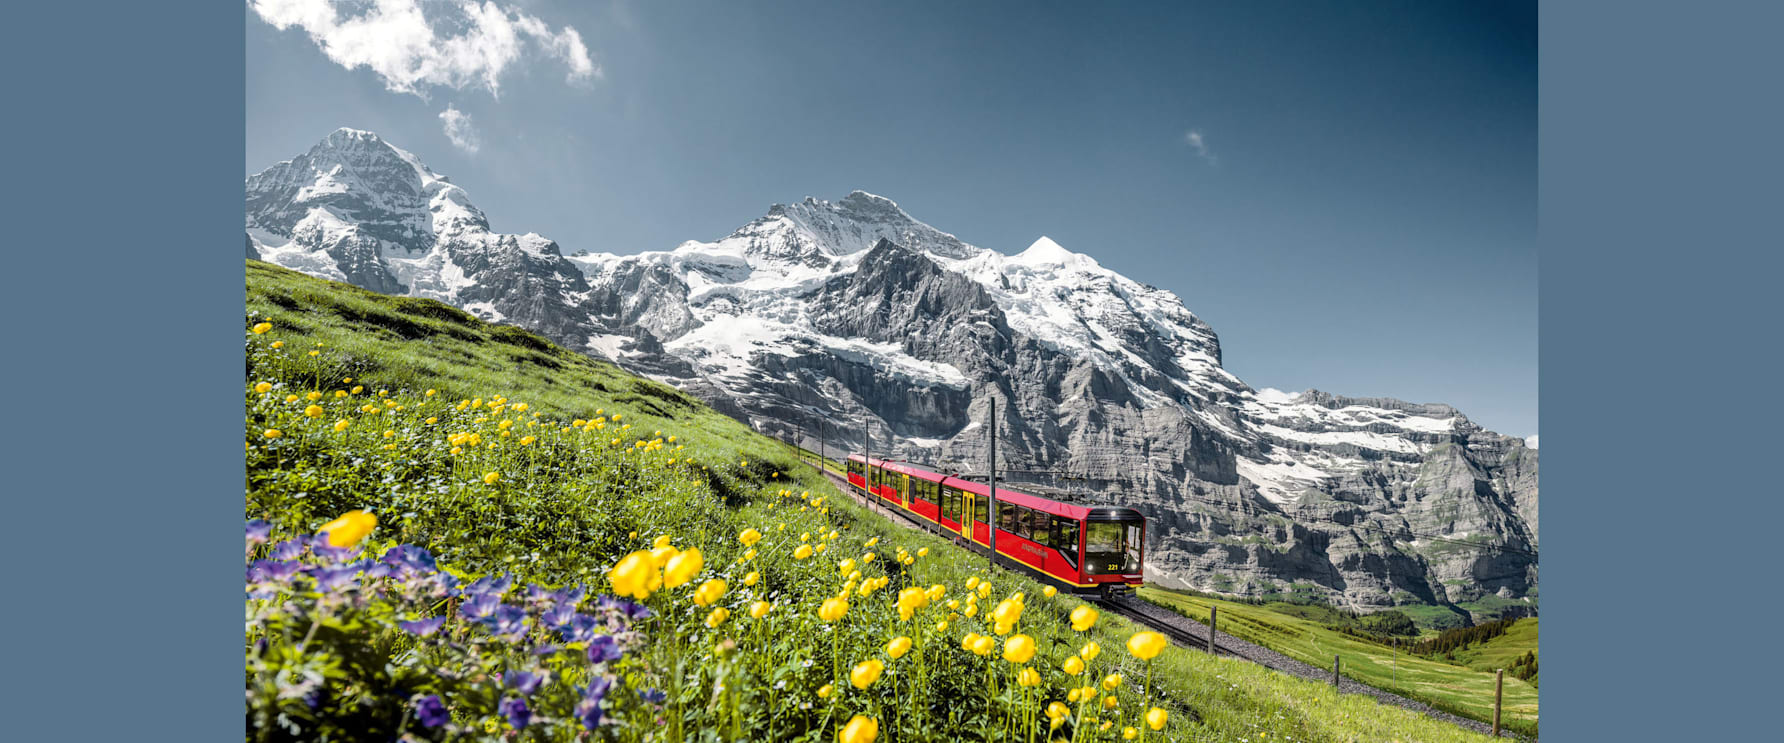 Jungfraubahn moench jungfrau sommer 03